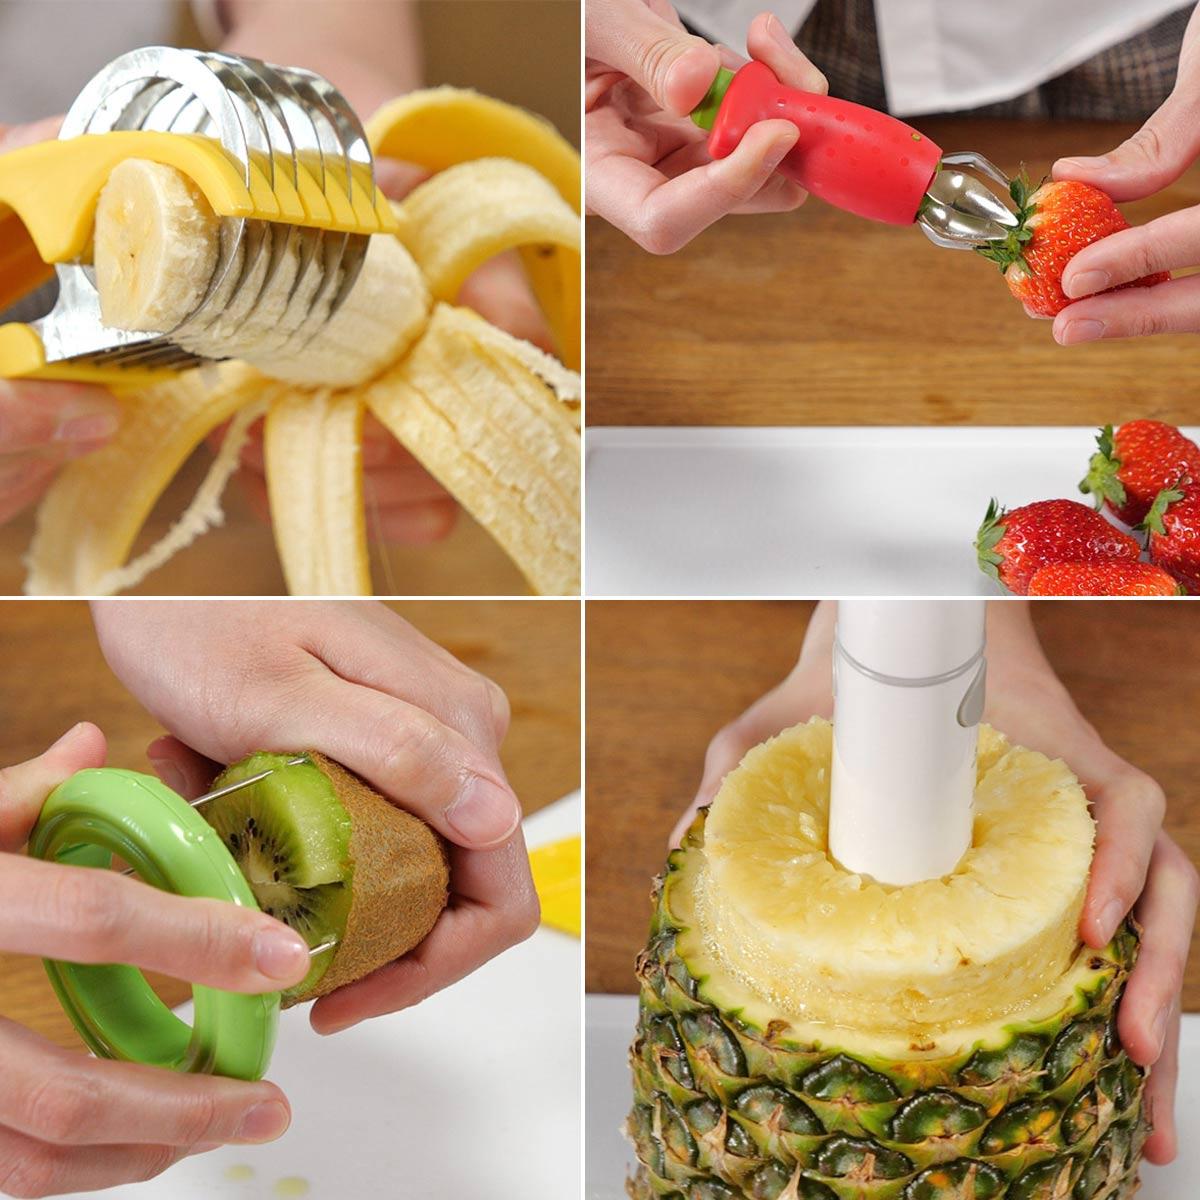 果実がスポッと抜ける! フルーツを食べるときに役立つ便利グッズ4選